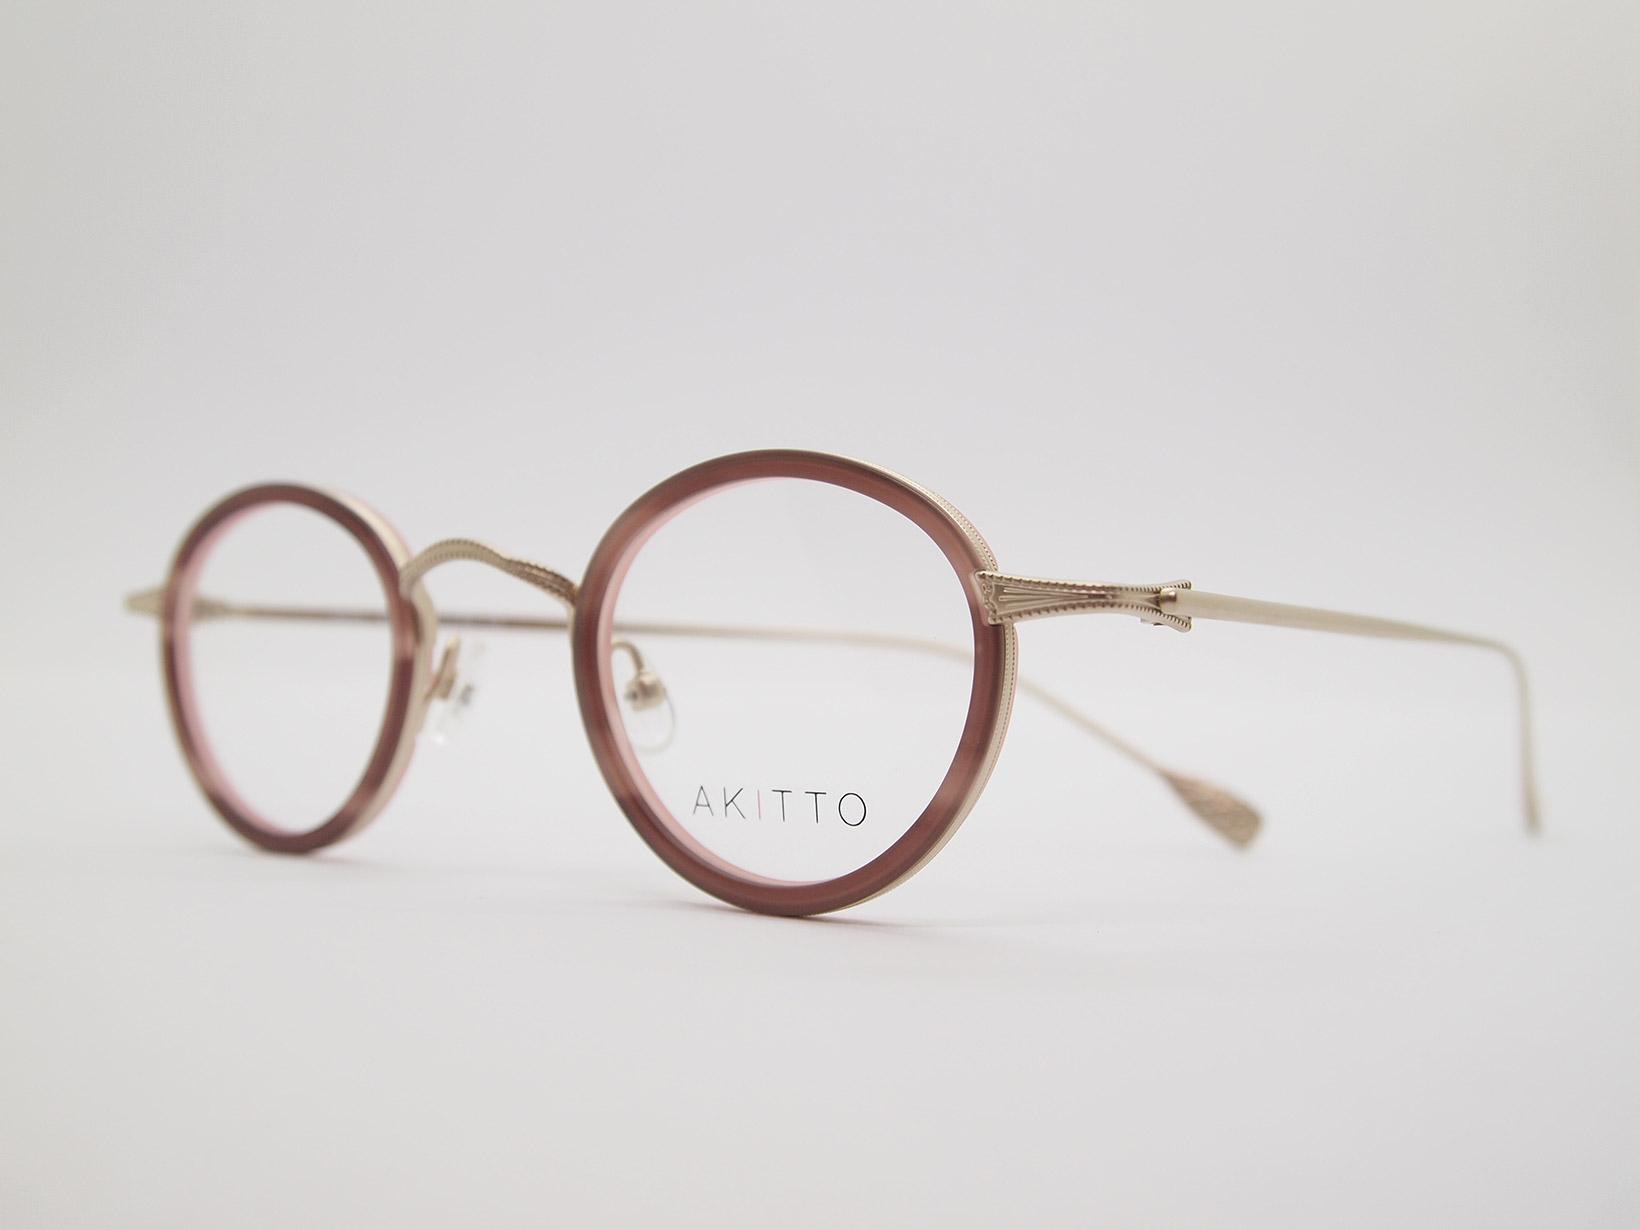 AKITTO 2021-4th tas2 color PK size:41□25 material:titanium+acetate price:¥46,200-(税込み)